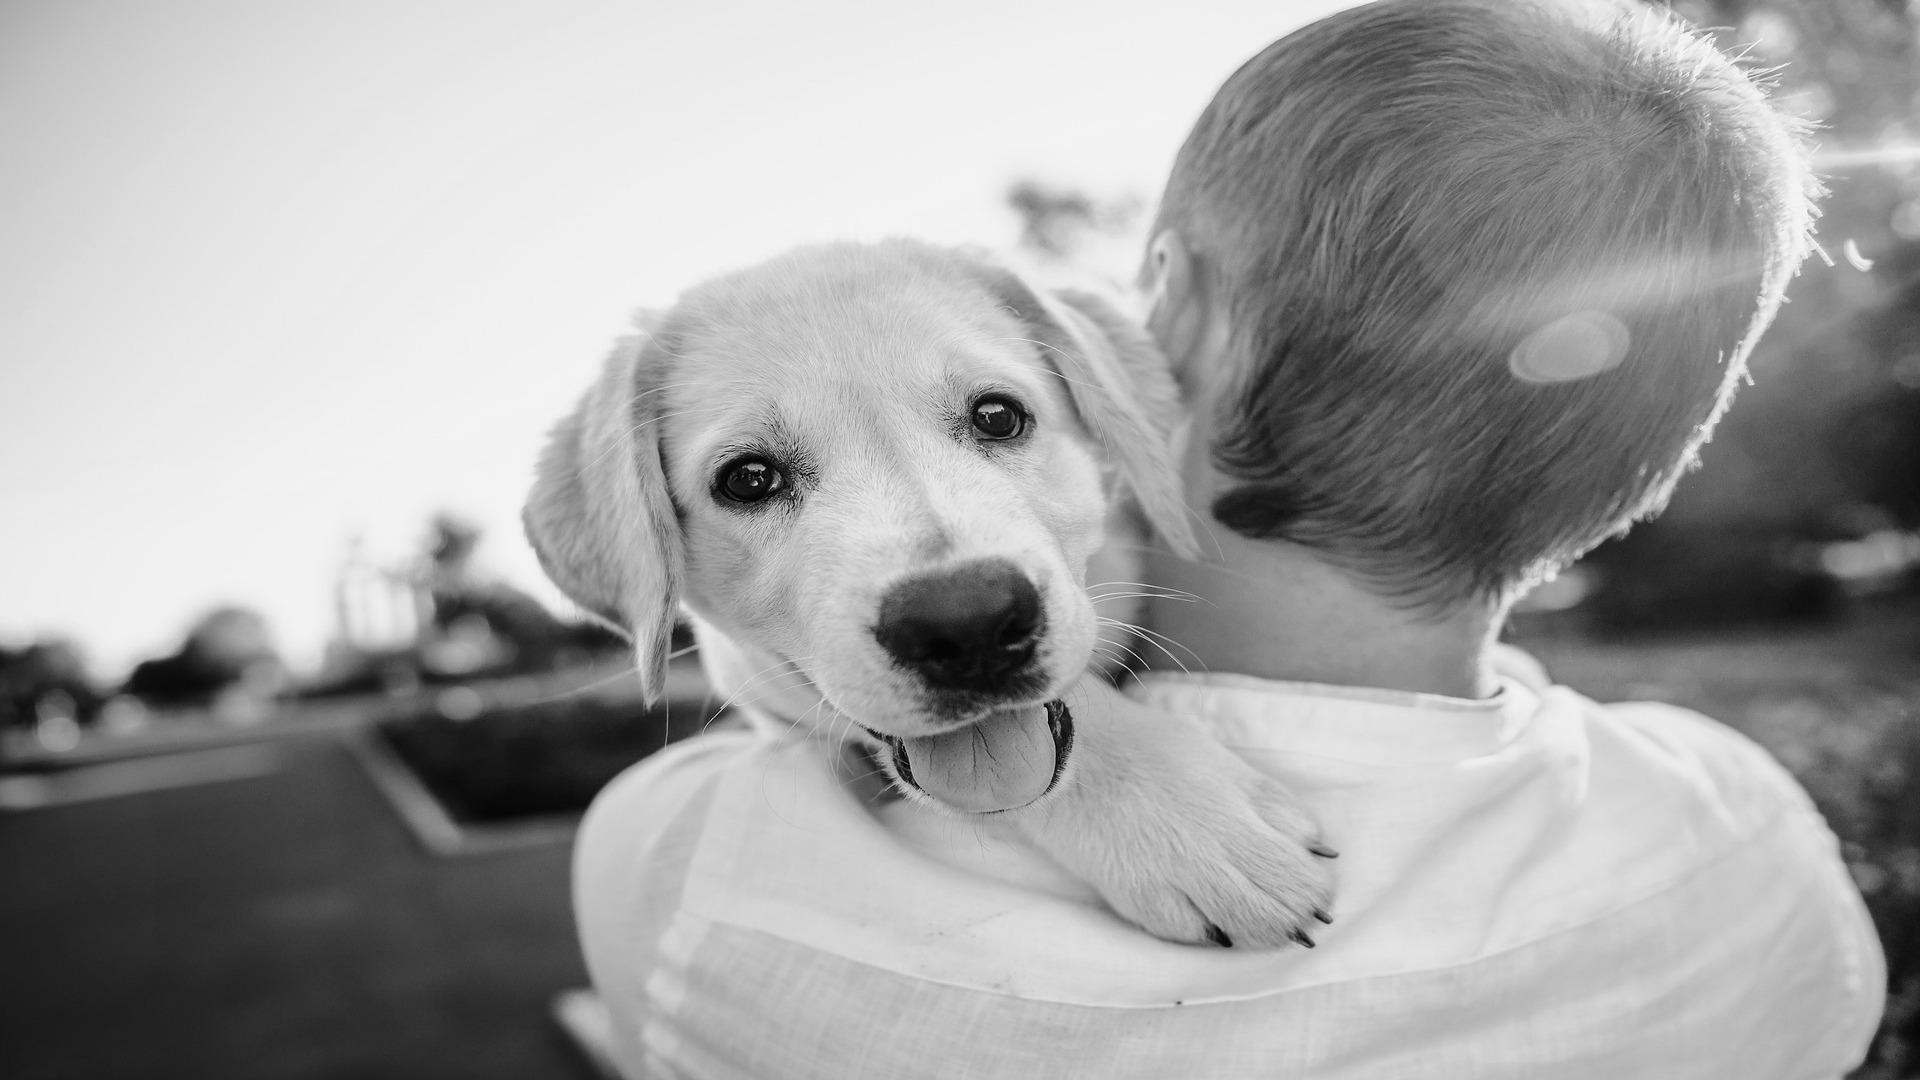 El perro es el mejor amigo del hombre y su muerte puede ser mas dolorosa que la de una persona1920